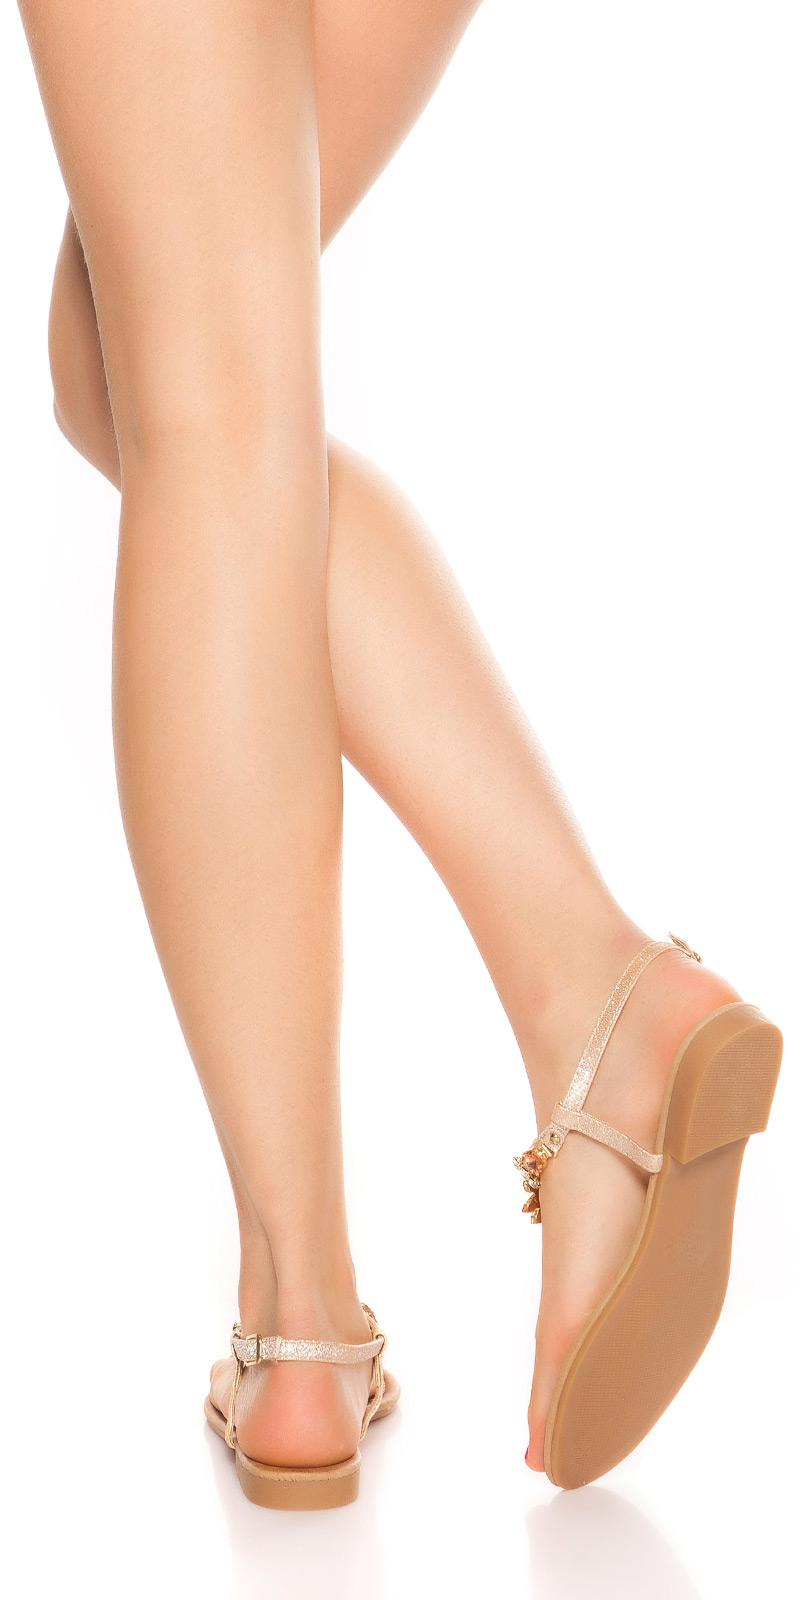 Sandale la moda toe cu strasuri